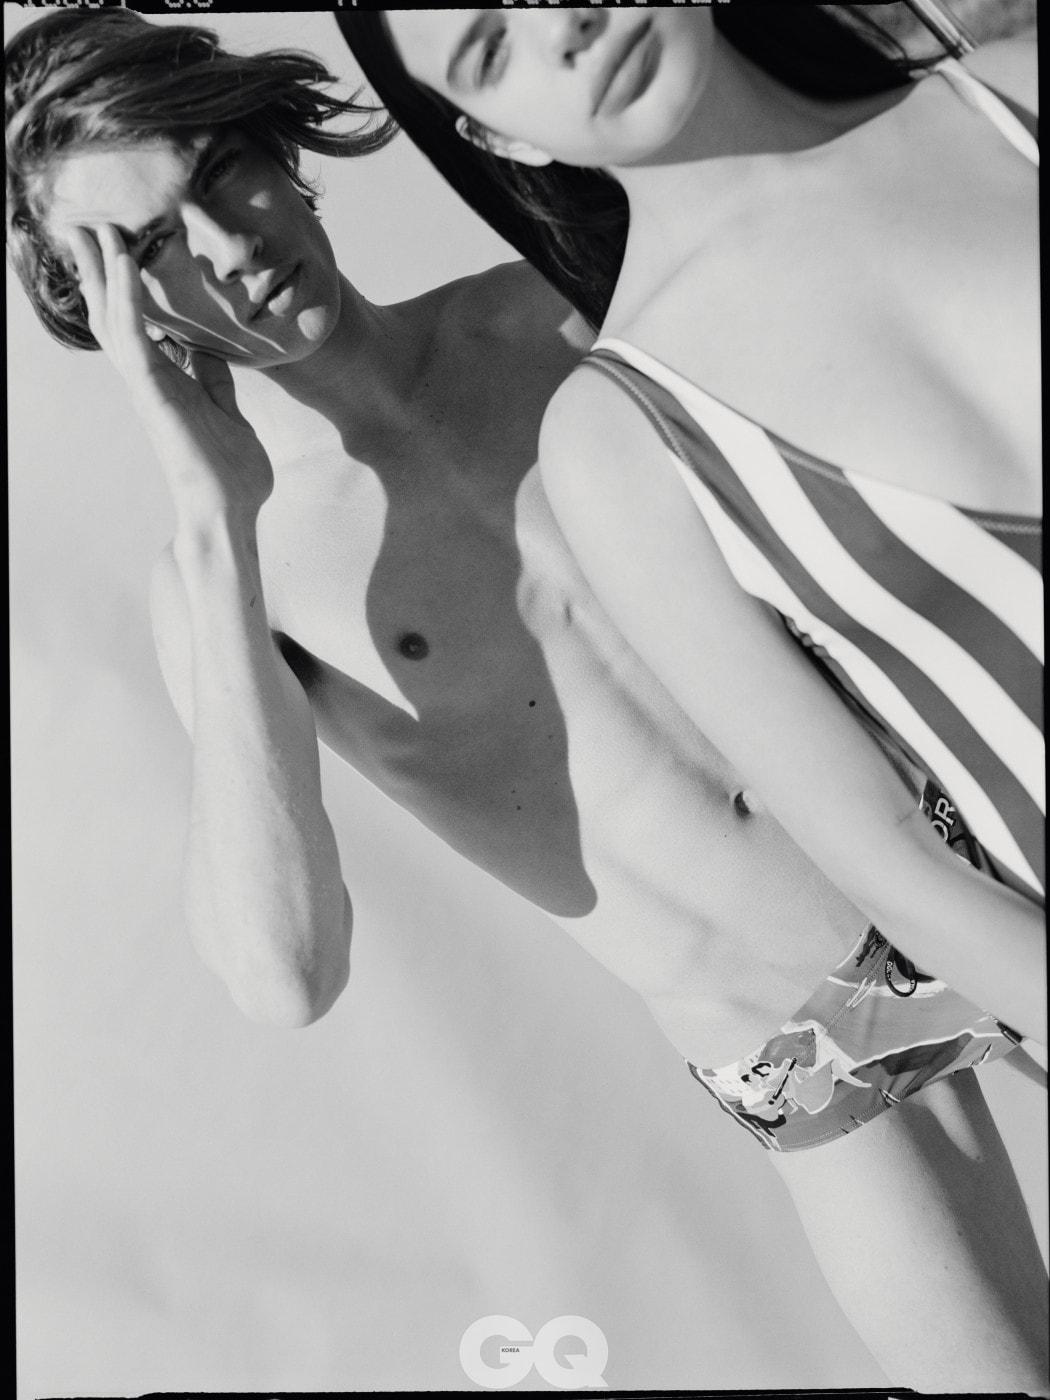 삼각 수영복 €245, 돌체&가바나. 줄무늬 수영복 €170, 솔리드 & 스트라이프 at stylebop.com.